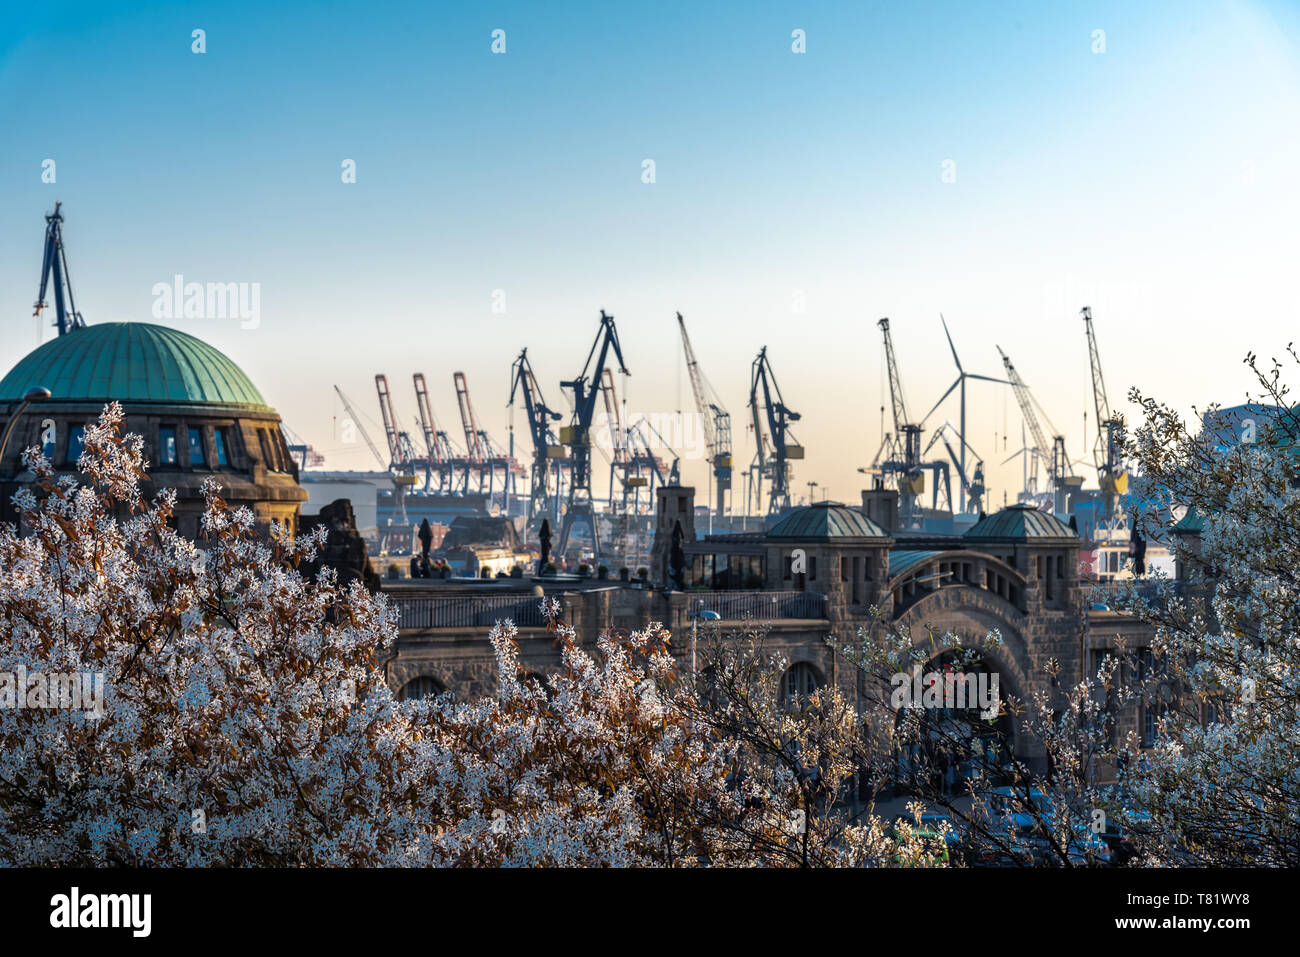 Arbres en fleurs à Hambourg (Allemagne) avec les administrations portuaires Grues dans l'arrière-plan Banque D'Images